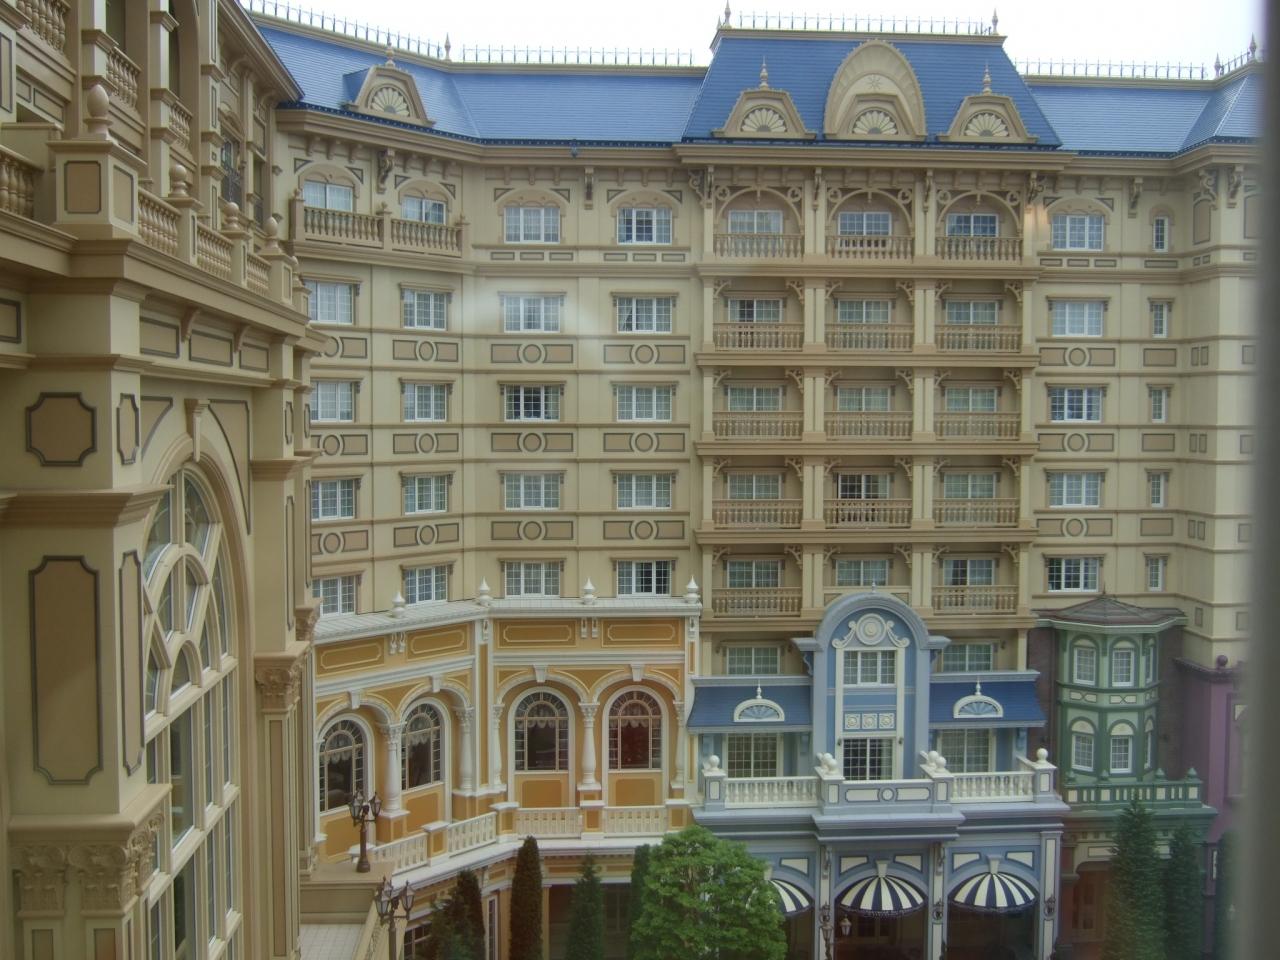 東京ディズニーランドホテル』東京ディズニーリゾート(千葉県)の旅行記